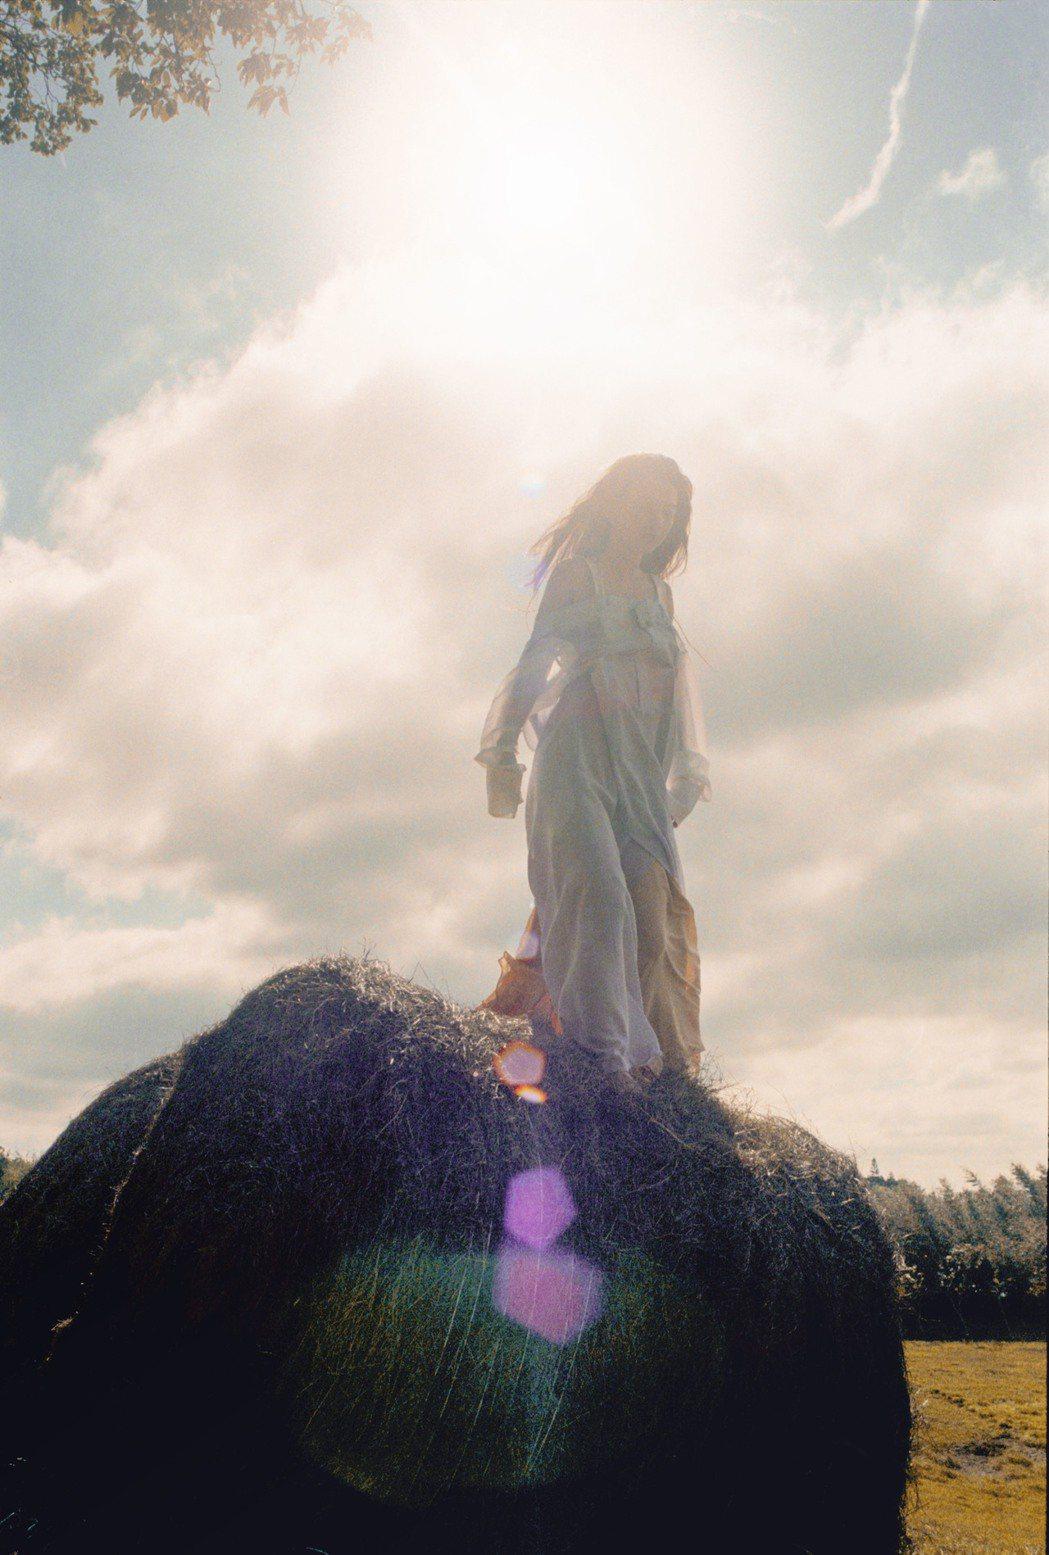 田馥甄無預警釋出新歌「懸日」,在苗栗秘境捕捉那懸日即將落下時刻。圖/何樂提供